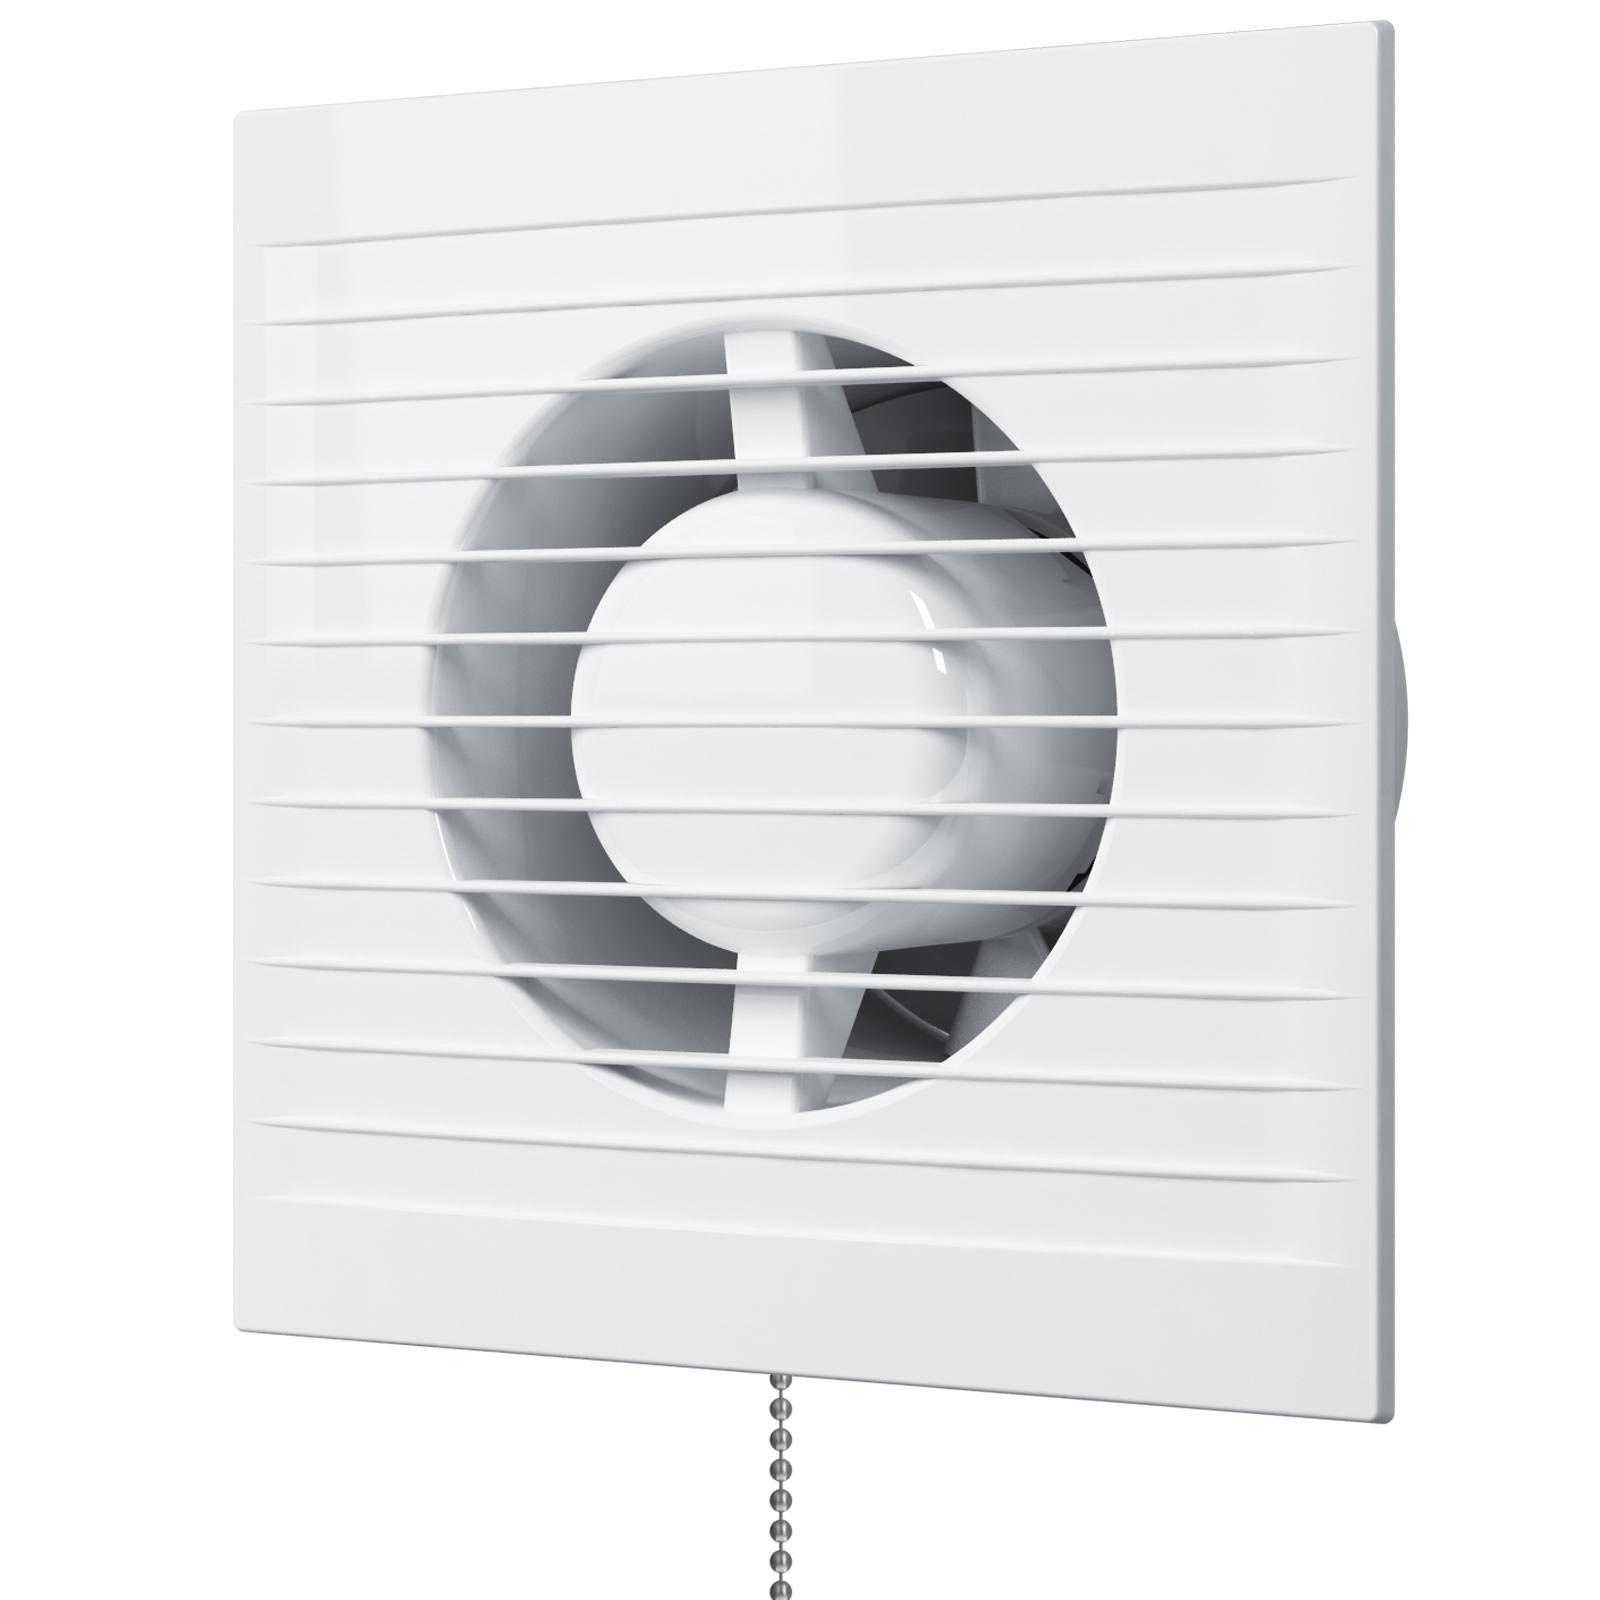 Вентилятор Era E 150 c-02 era e 150 02 вентилятор